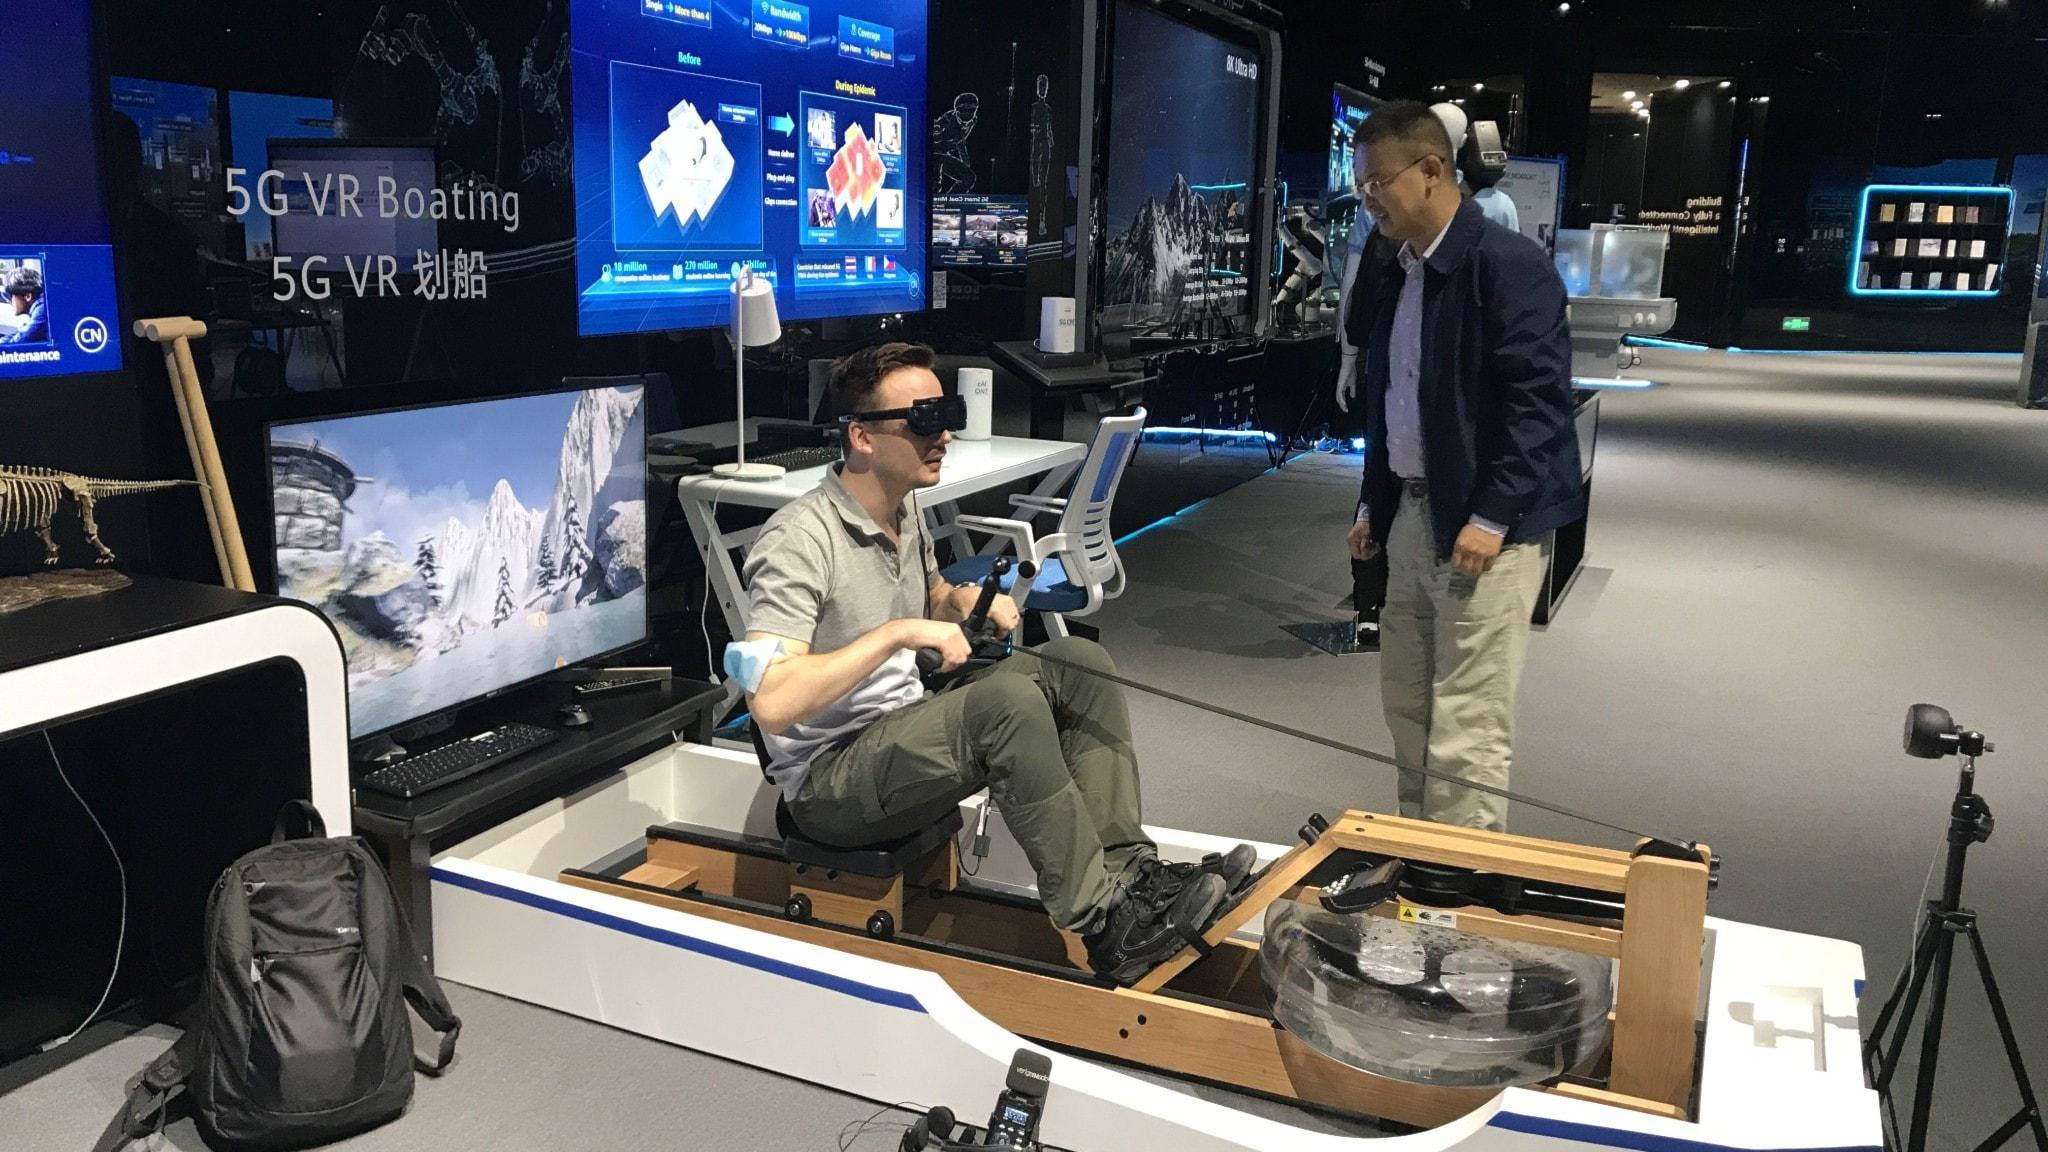 Sveriges Radios Kinakorrespondent Björn Djurberg testar en VR-roddmaskin uppkopplad mot 5G under ett besök hos den kinesiska telekomjätten Huaweis huvudkontor i Shenzhen. Sveriges Radios Kinakorrespondent Björn Djurberg testar en VR-roddmaskin uppkopplad mot 5G under ett besök hos den kinesiska telekomjätten Huaweis huvudkontor i Shenzhen.